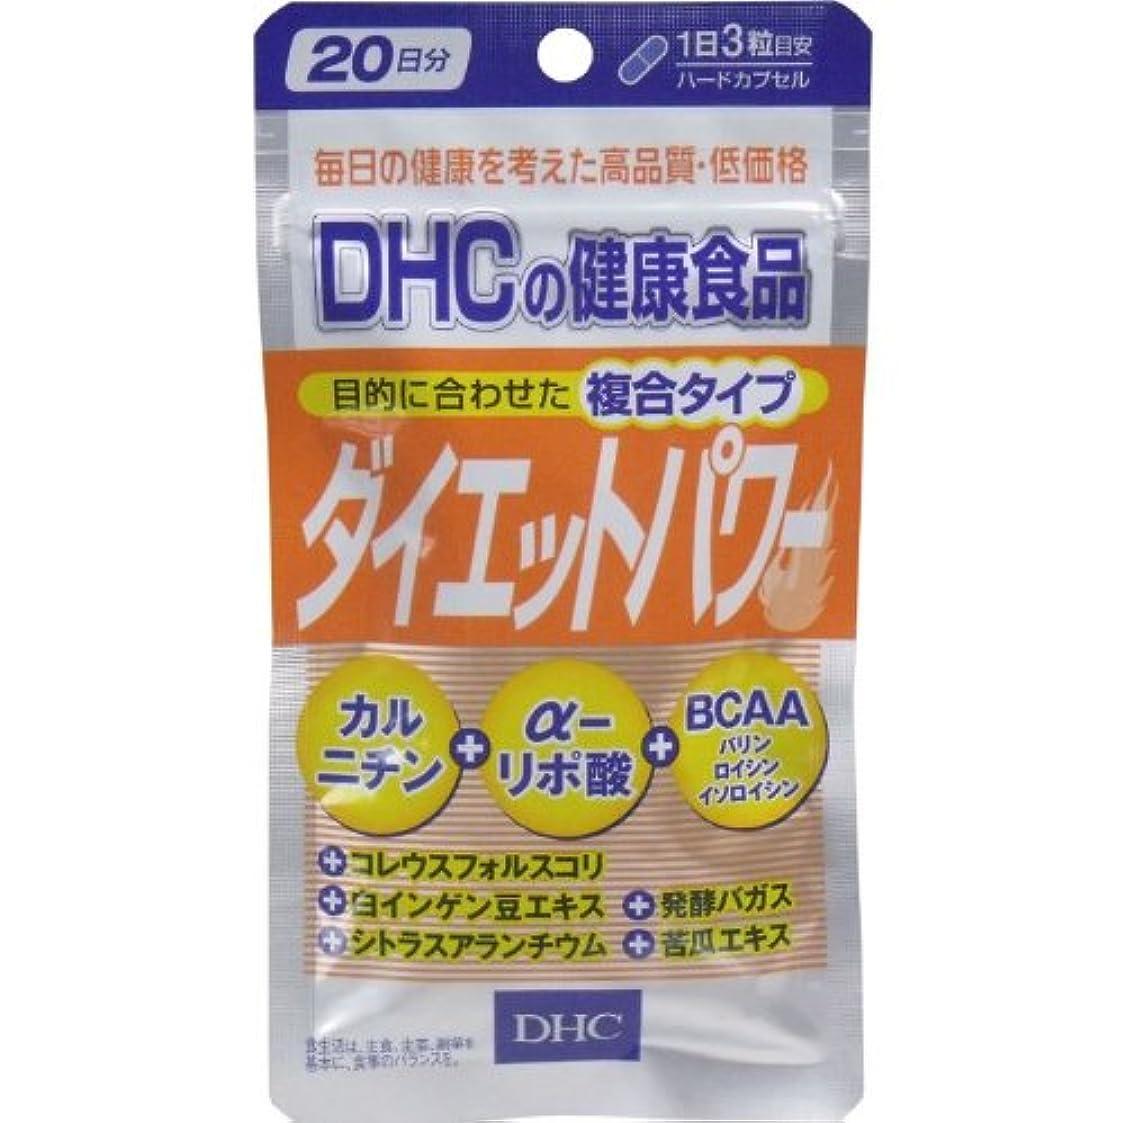 用量今日果てしないDHC ダイエットパワー 60粒入 20日分【3個セット】